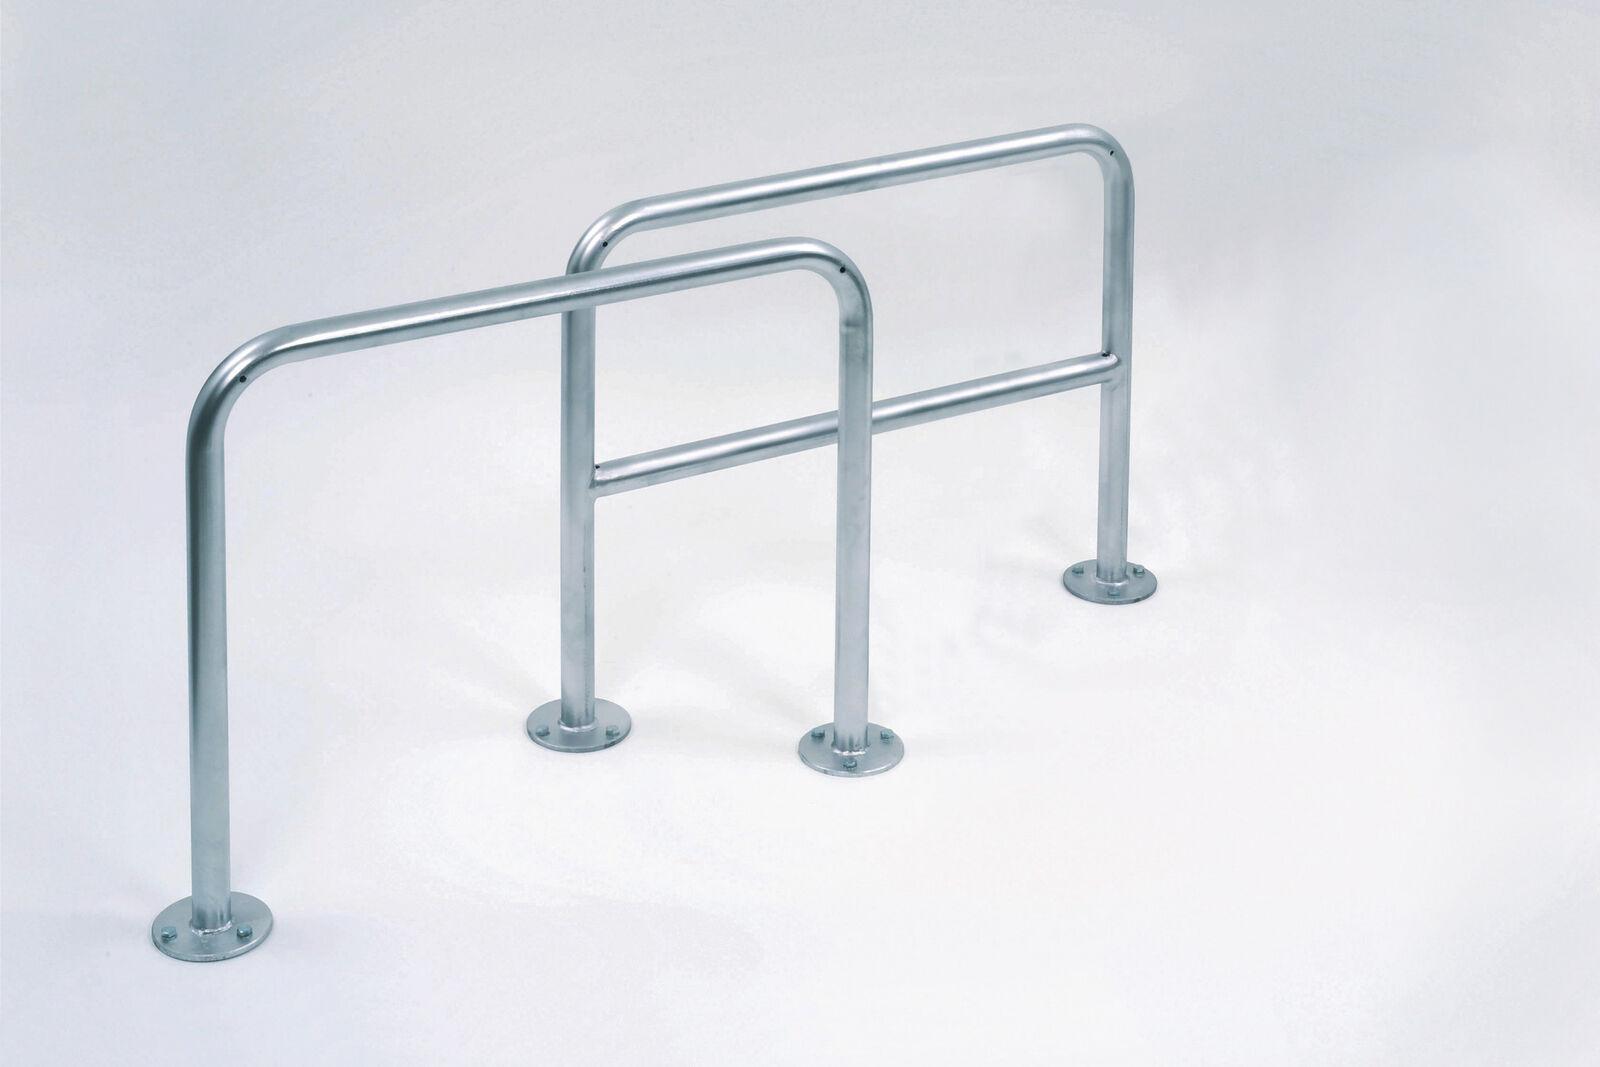 Fahrrad Anlehnbügel 9100   Fahrradständer   Anlehnparker   Anlehnsystem